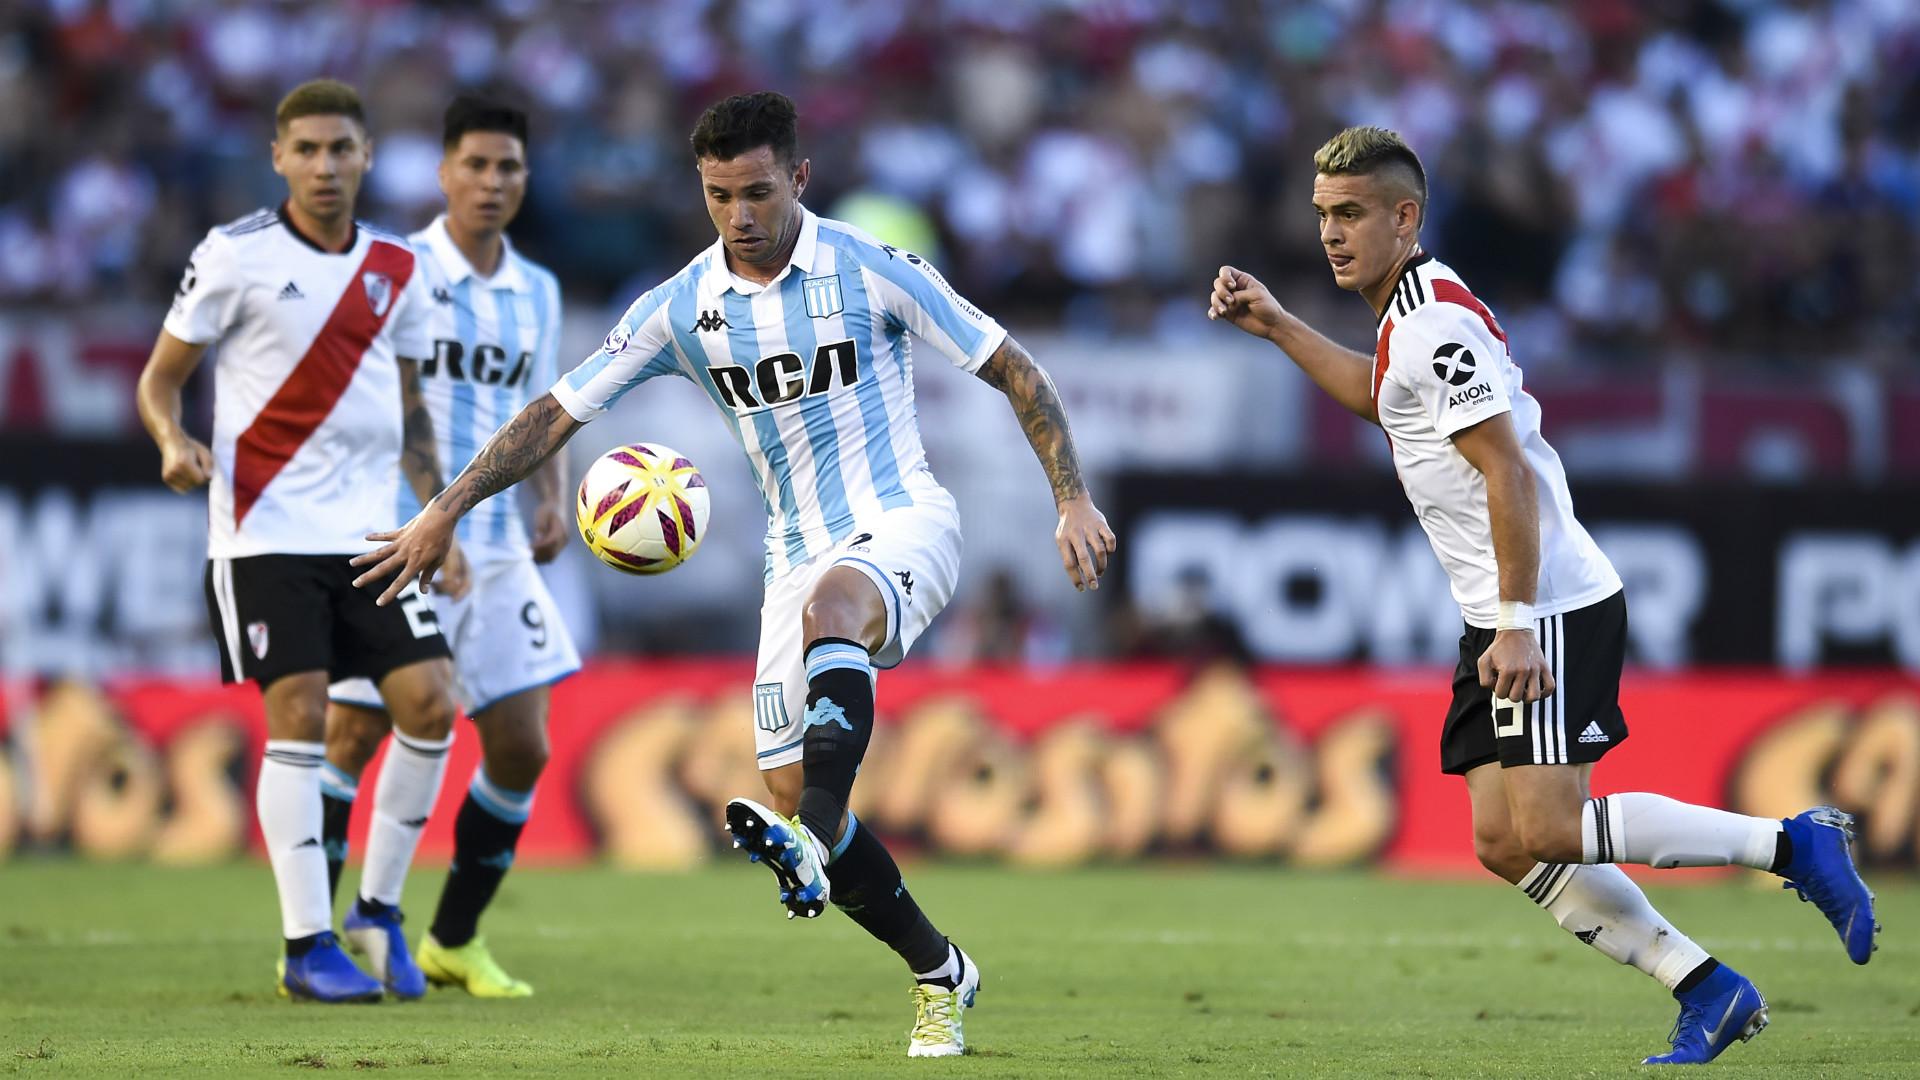 Racing igualó 1-1 frente a Corinthians por la Copa Sudamericana